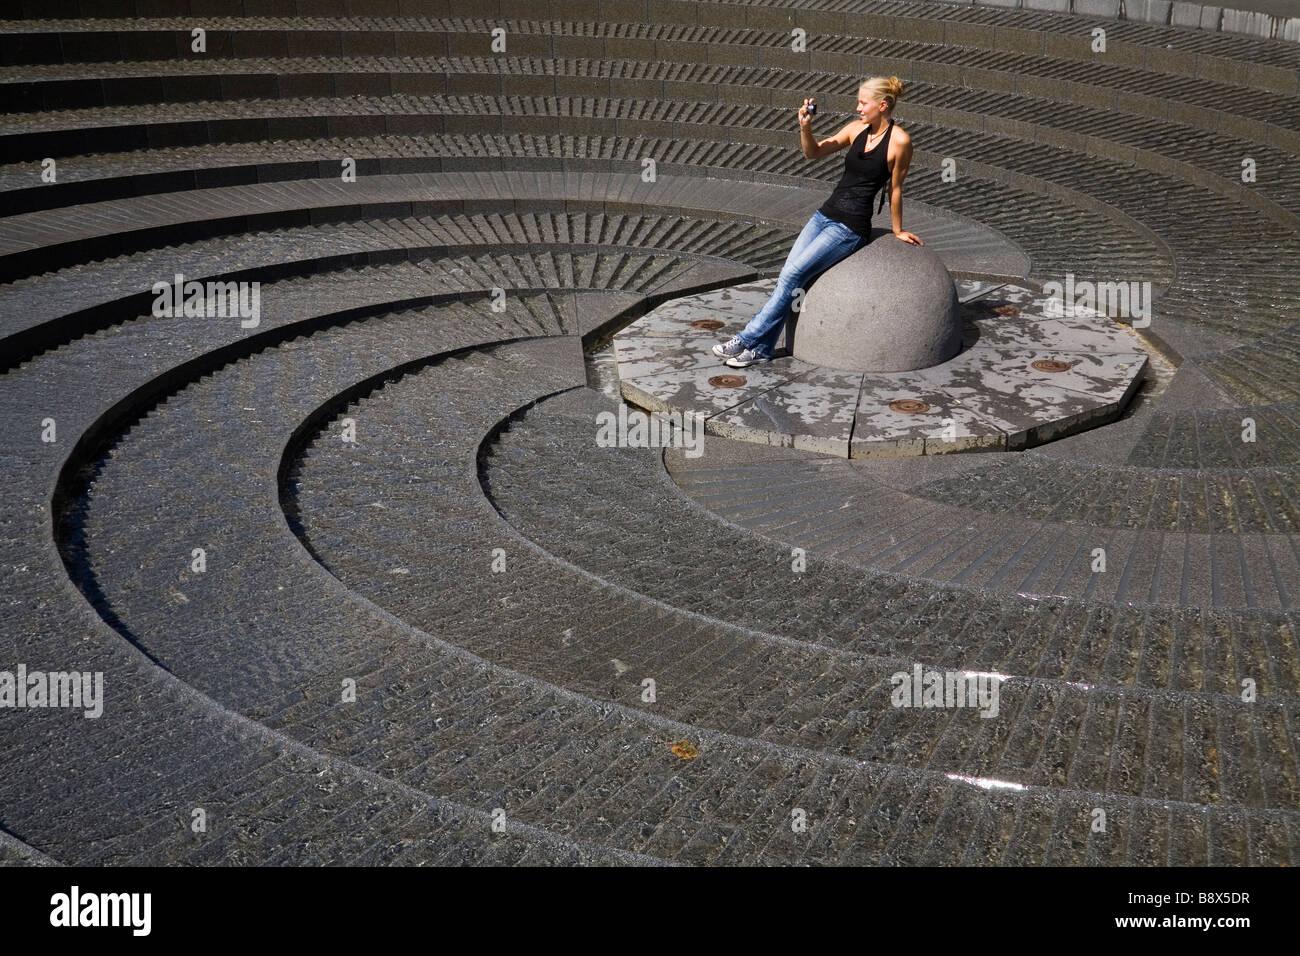 Turista fotografiando la espiral Fuente en Puerto Darling, Sydney, New South Wales, Australia Imagen De Stock